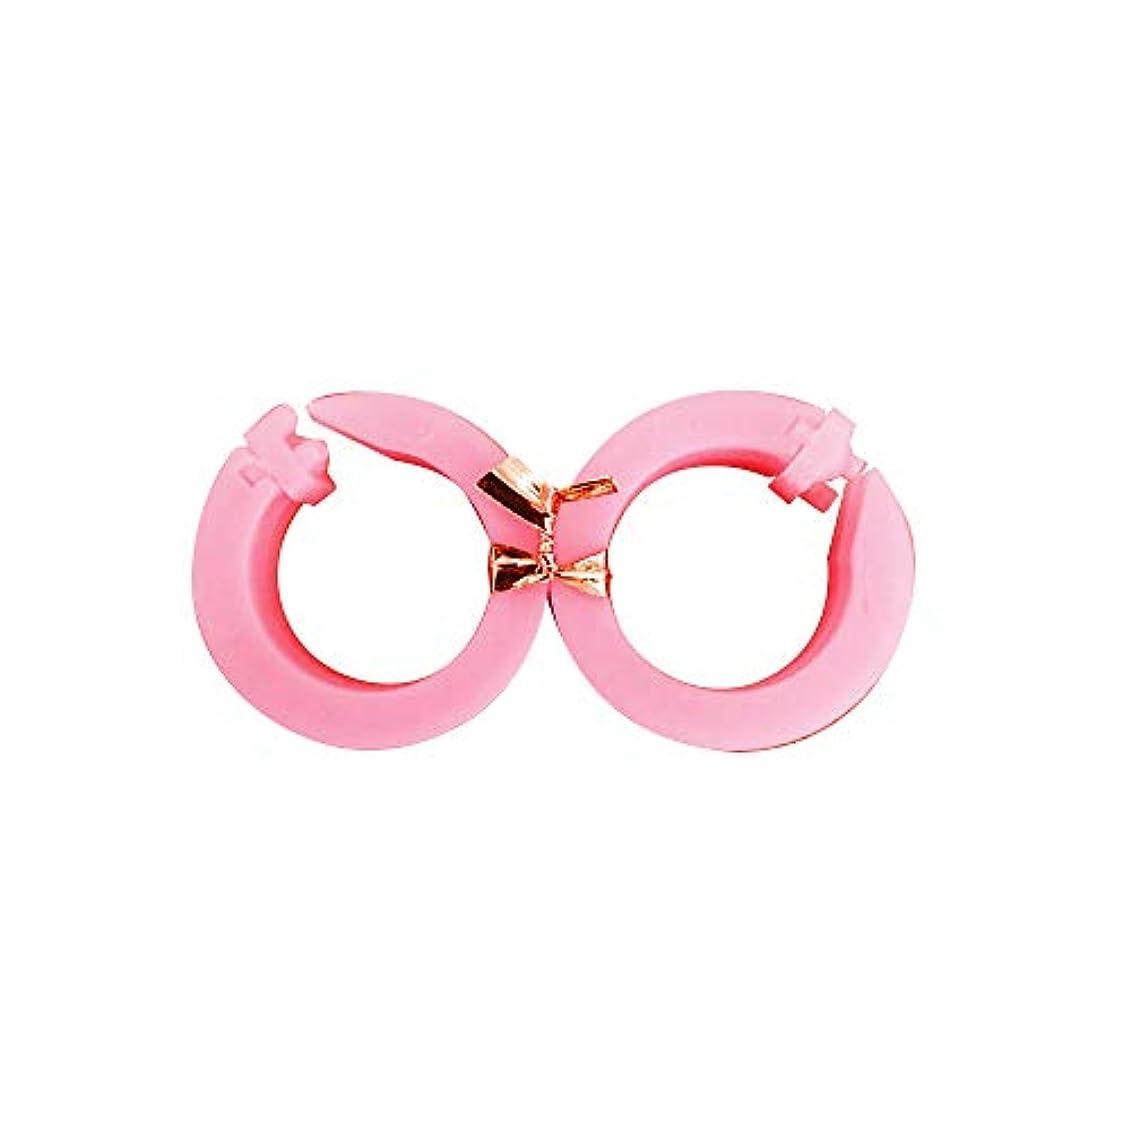 符号オーブン無意味【サフランフィールド】 耳つぼ ダイエットリング 美容 耳つぼ美人 ピンク